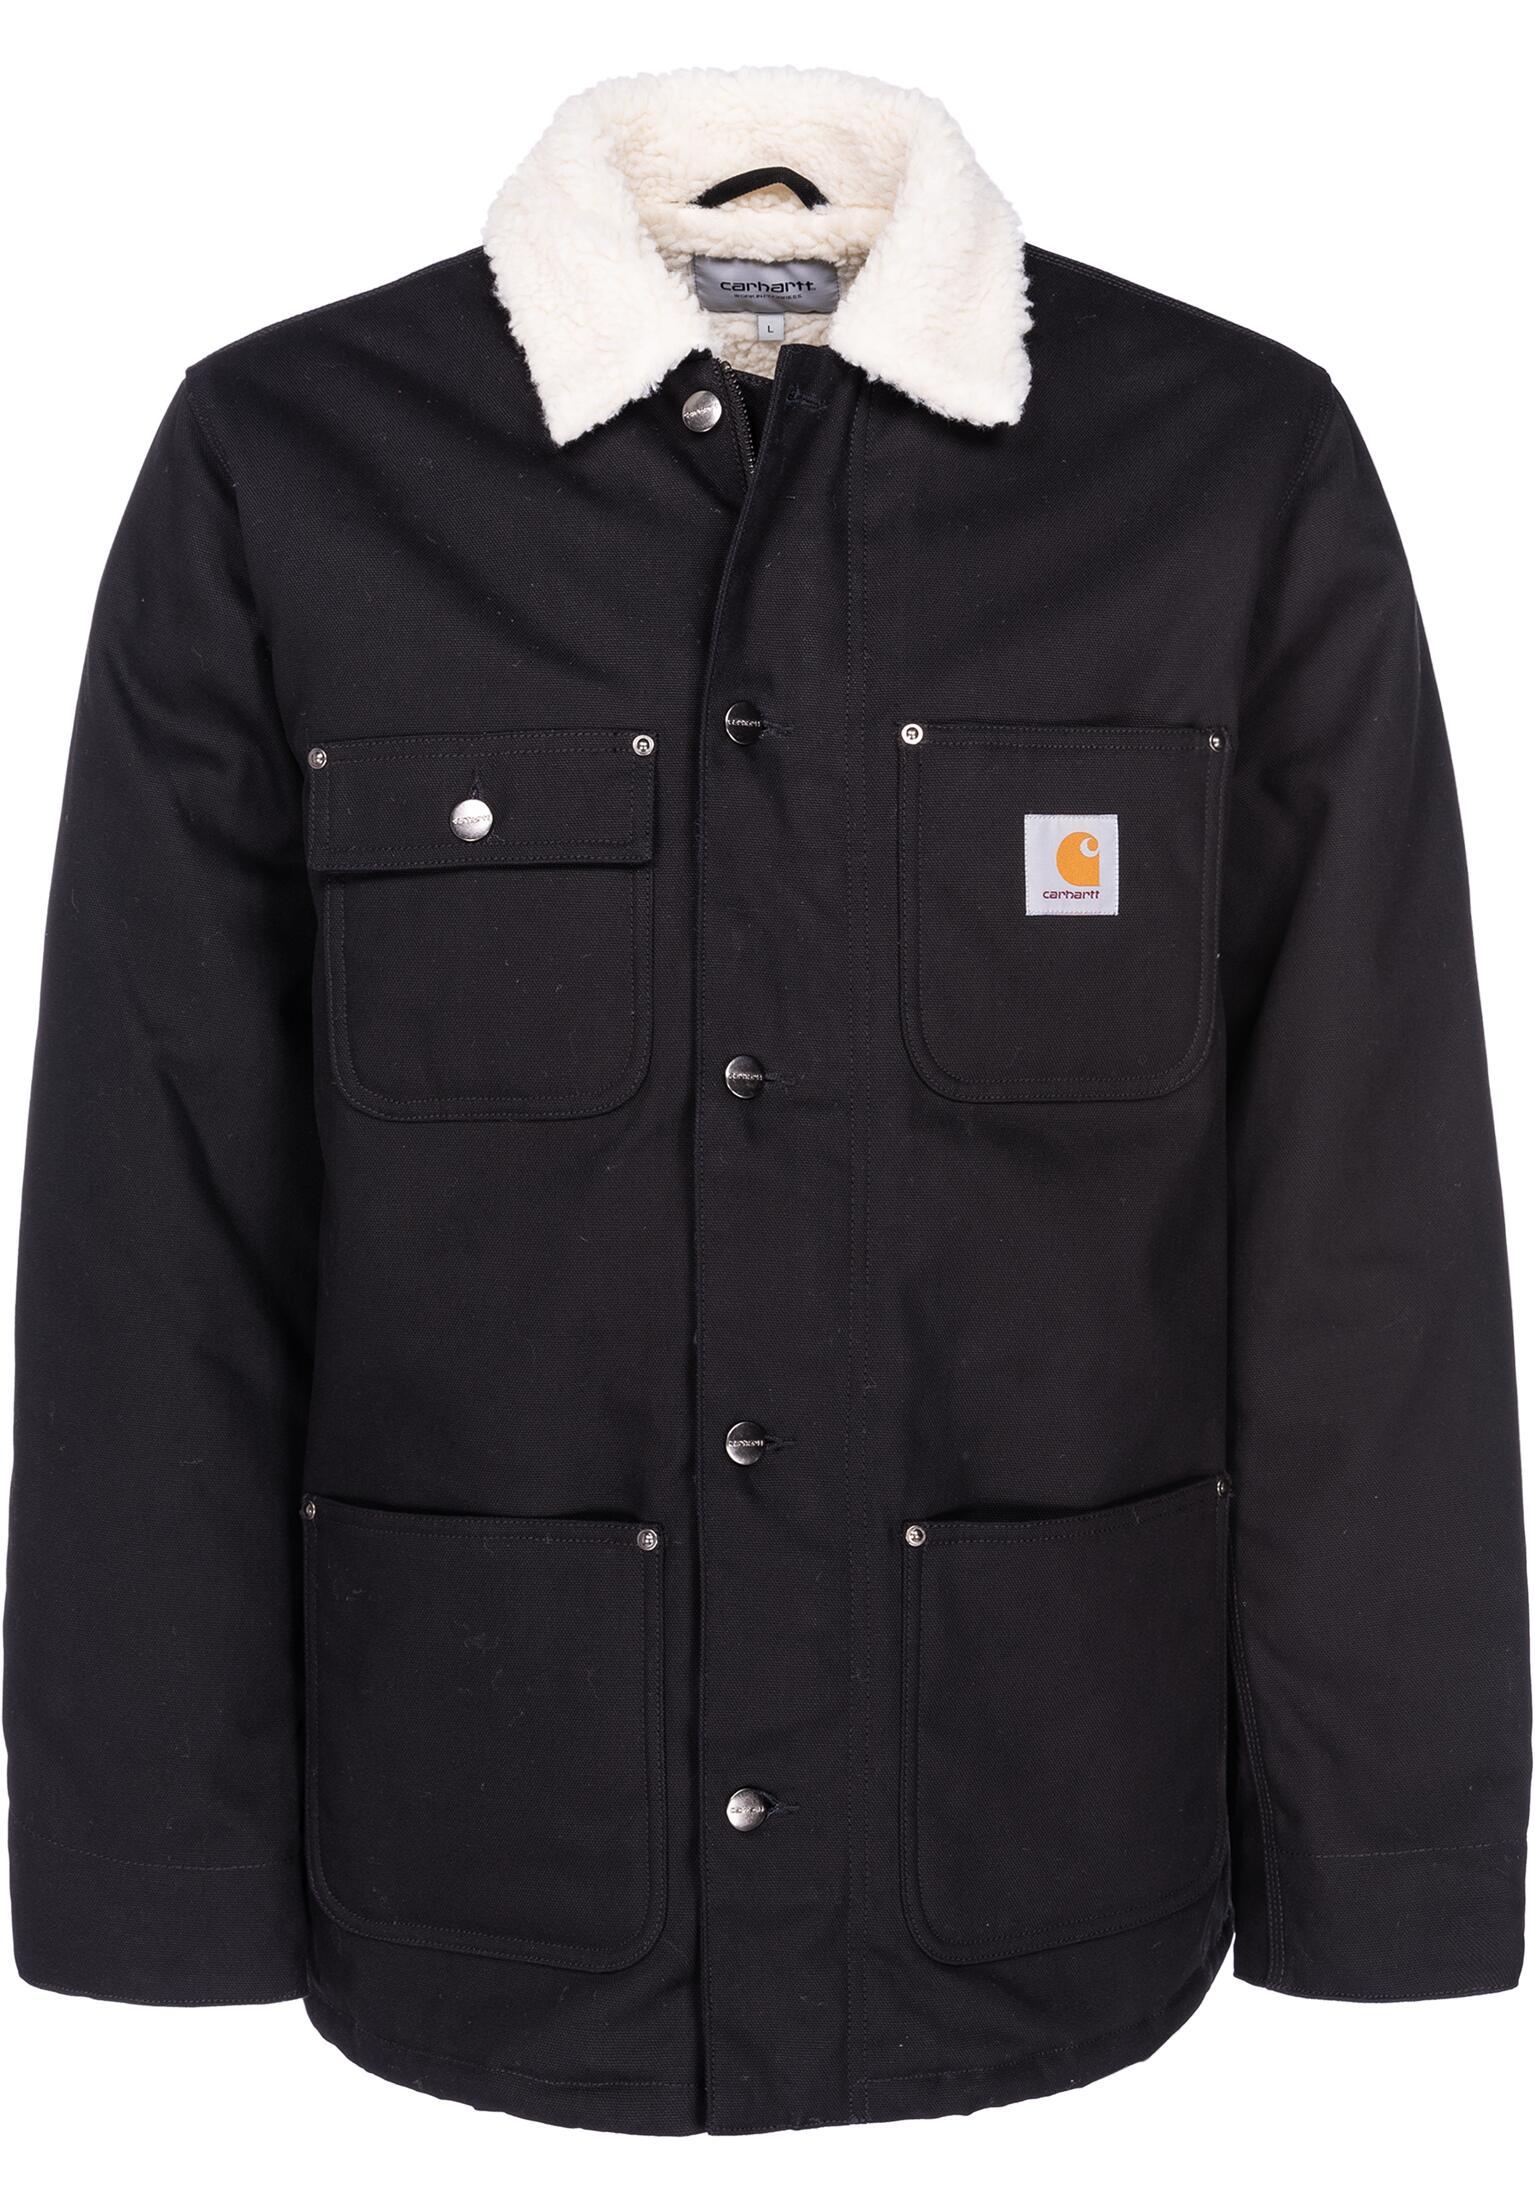 nouveaux styles c1738 43143 Black Fairmount Veste Wip Fairmount Veste Carhartt Carhartt ...